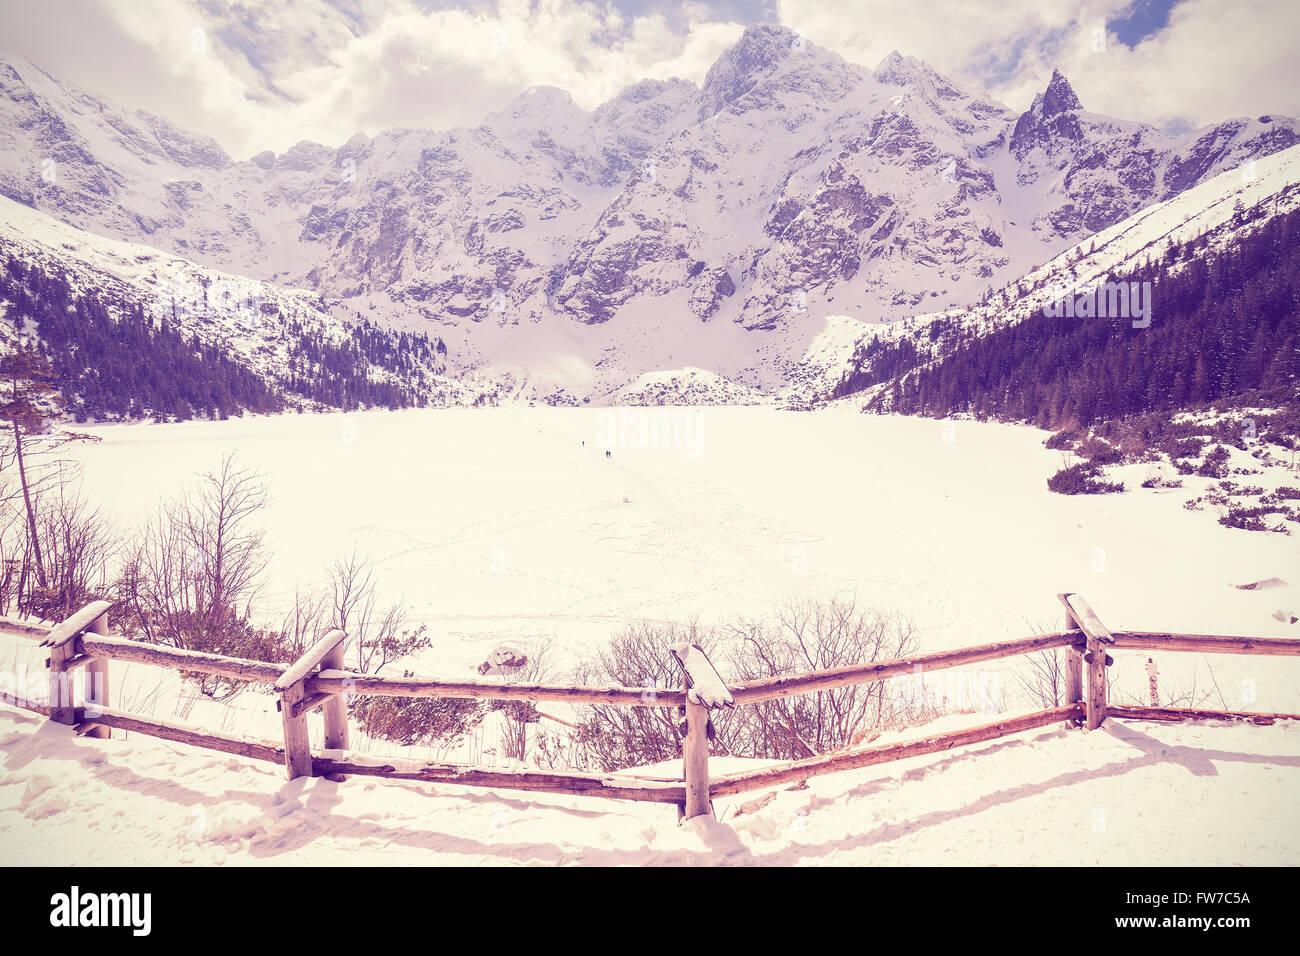 Lac gelé stylisé vintage à Morskie Oko Tatras, lac de montagne les plus populaires en Pologne. Banque D'Images